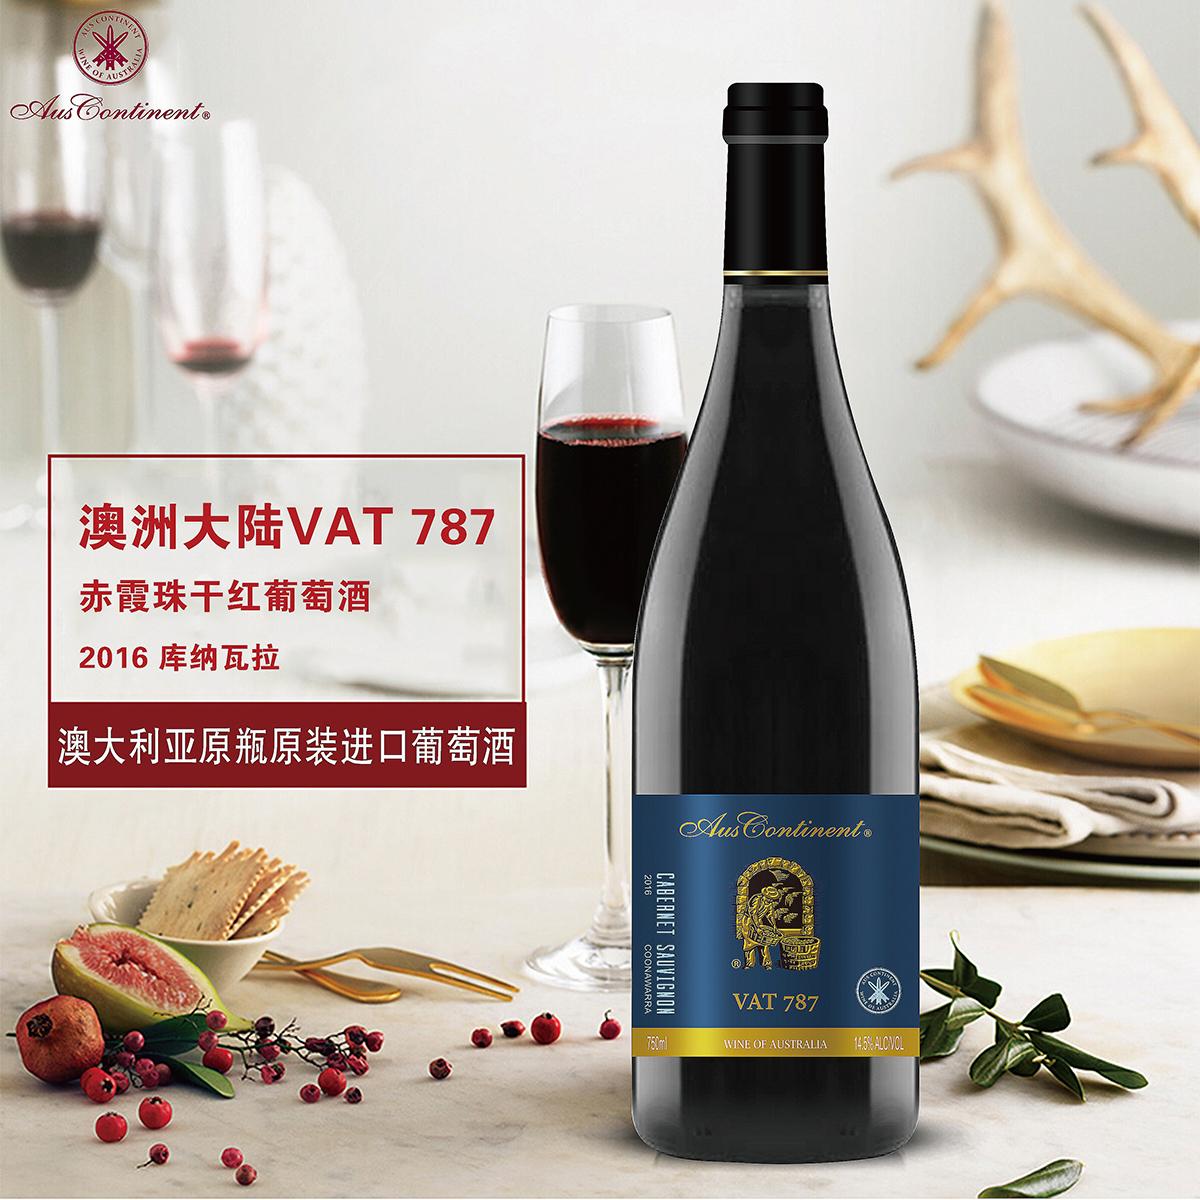 澳大利亚库纳瓦拉澳洲大陆酒庄赤霞珠VAT 787干红葡萄酒